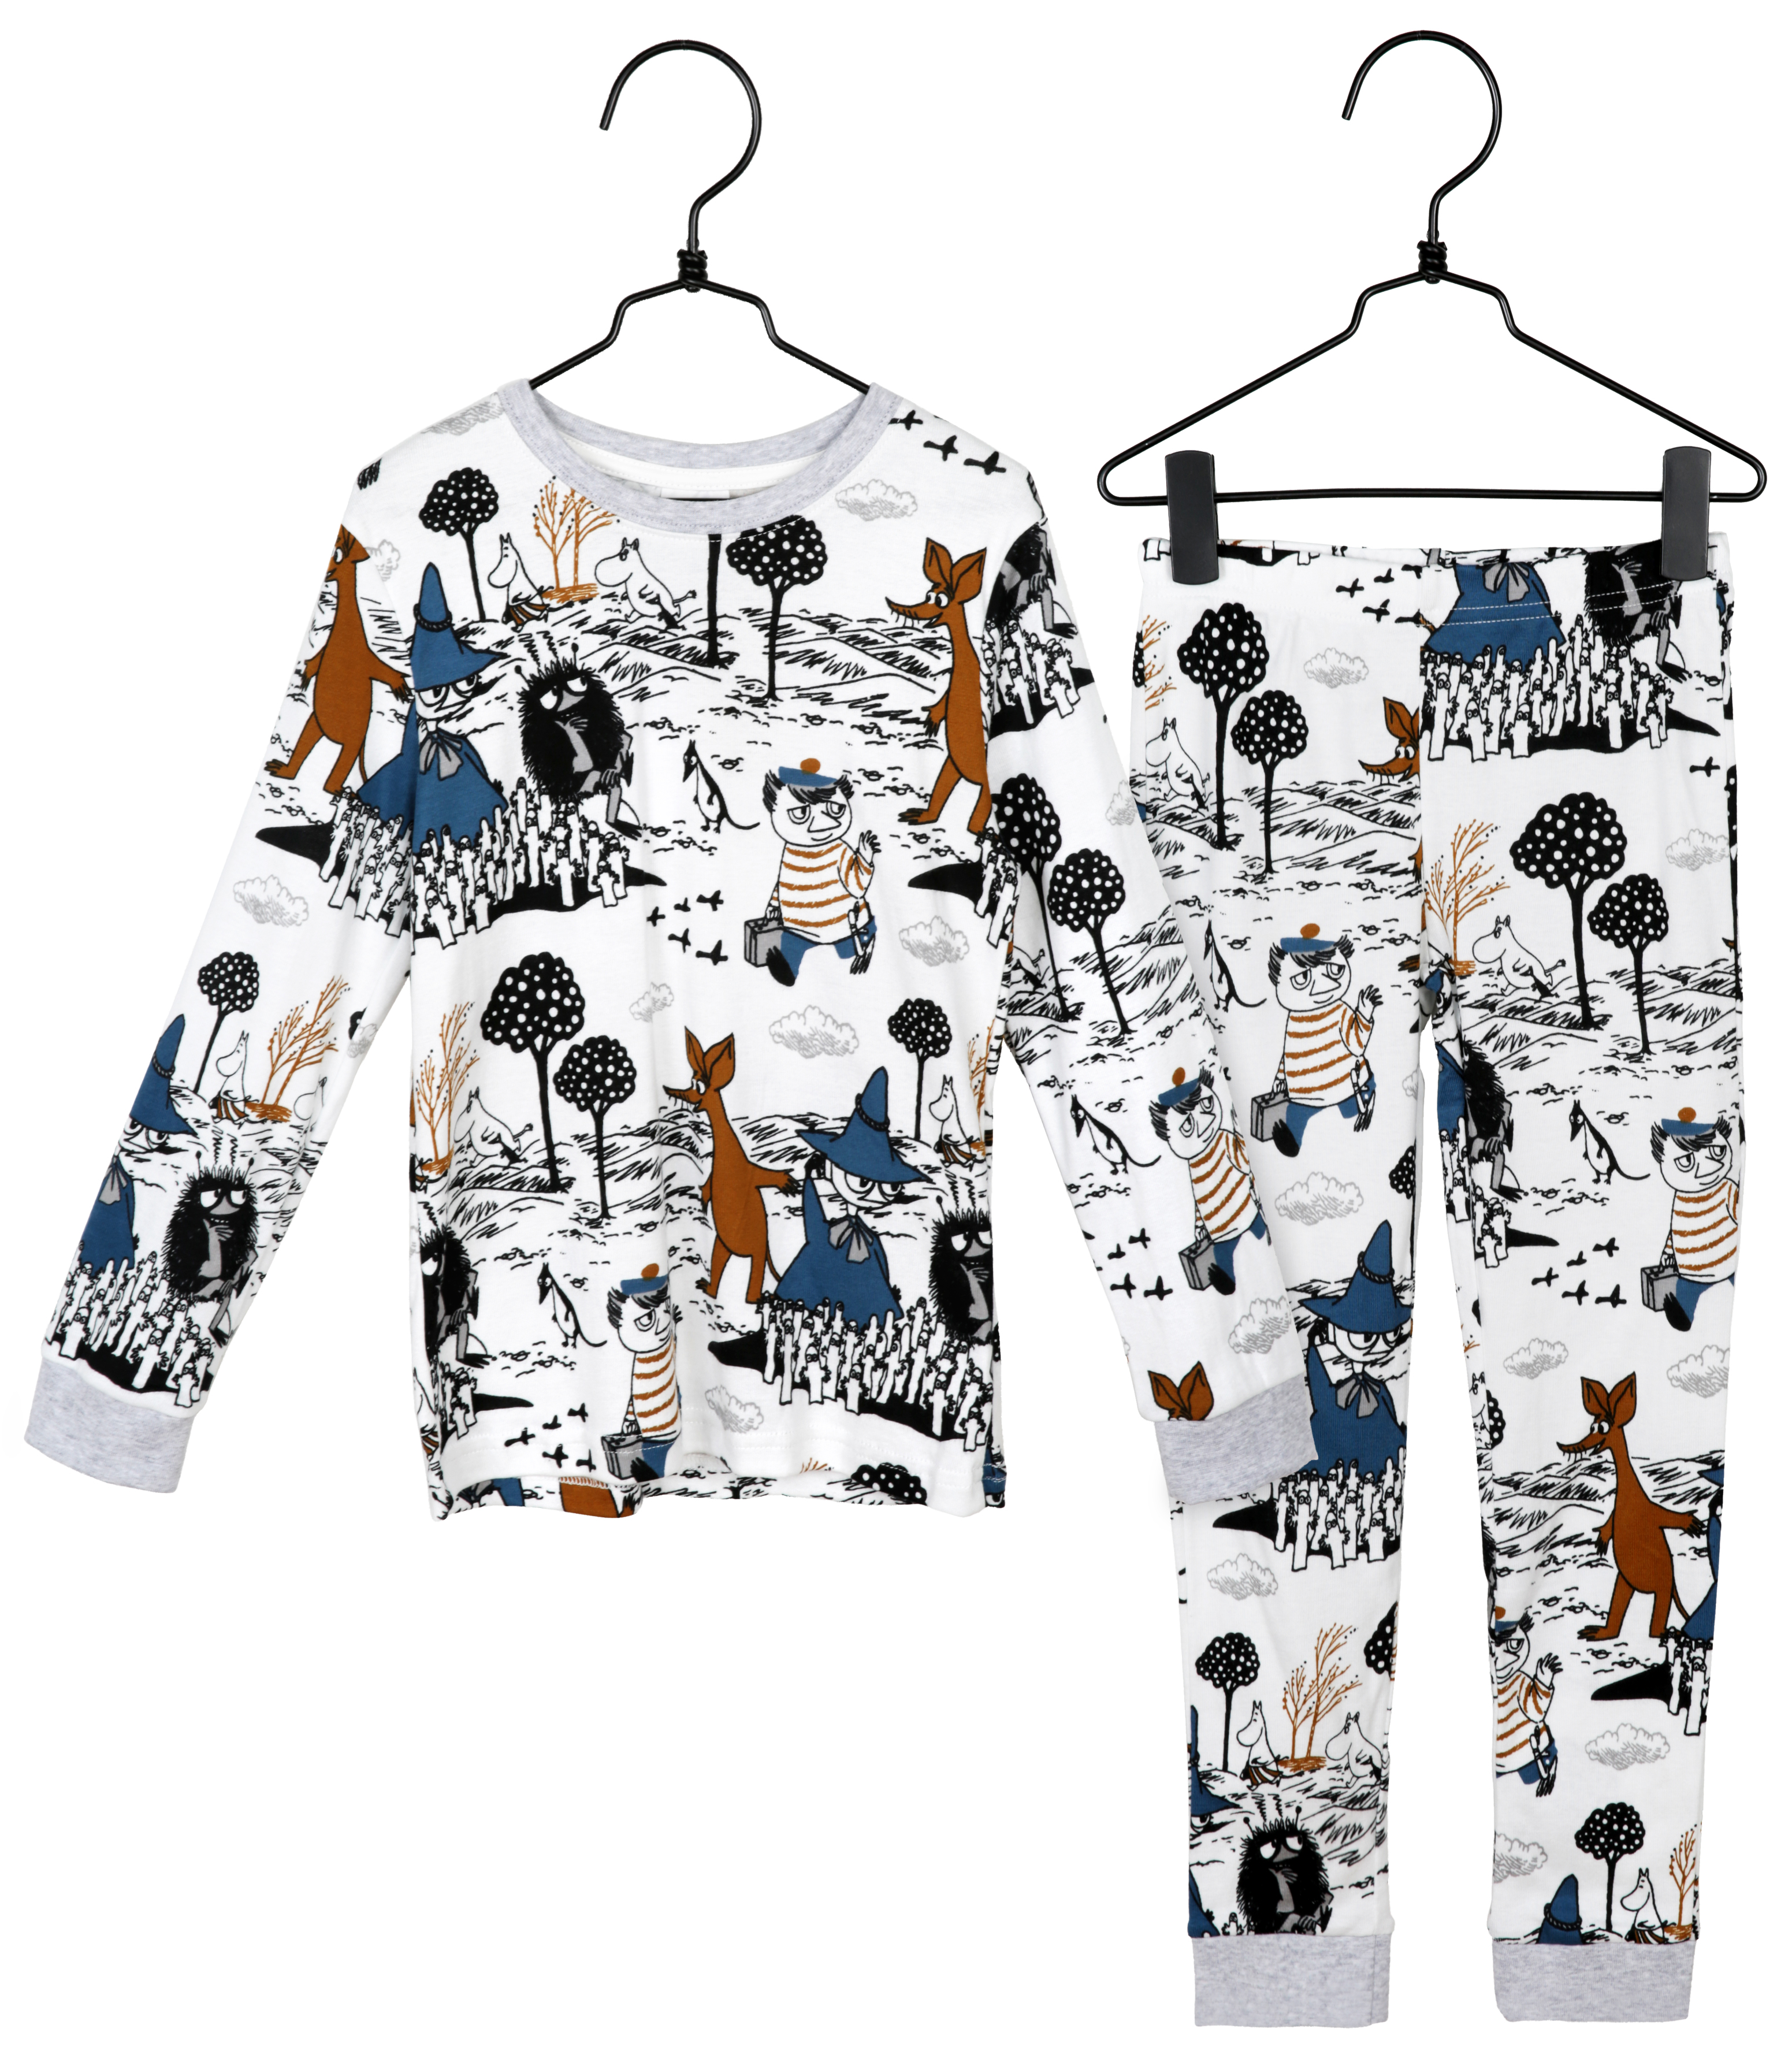 Martinex Cloudy Pyjamas White